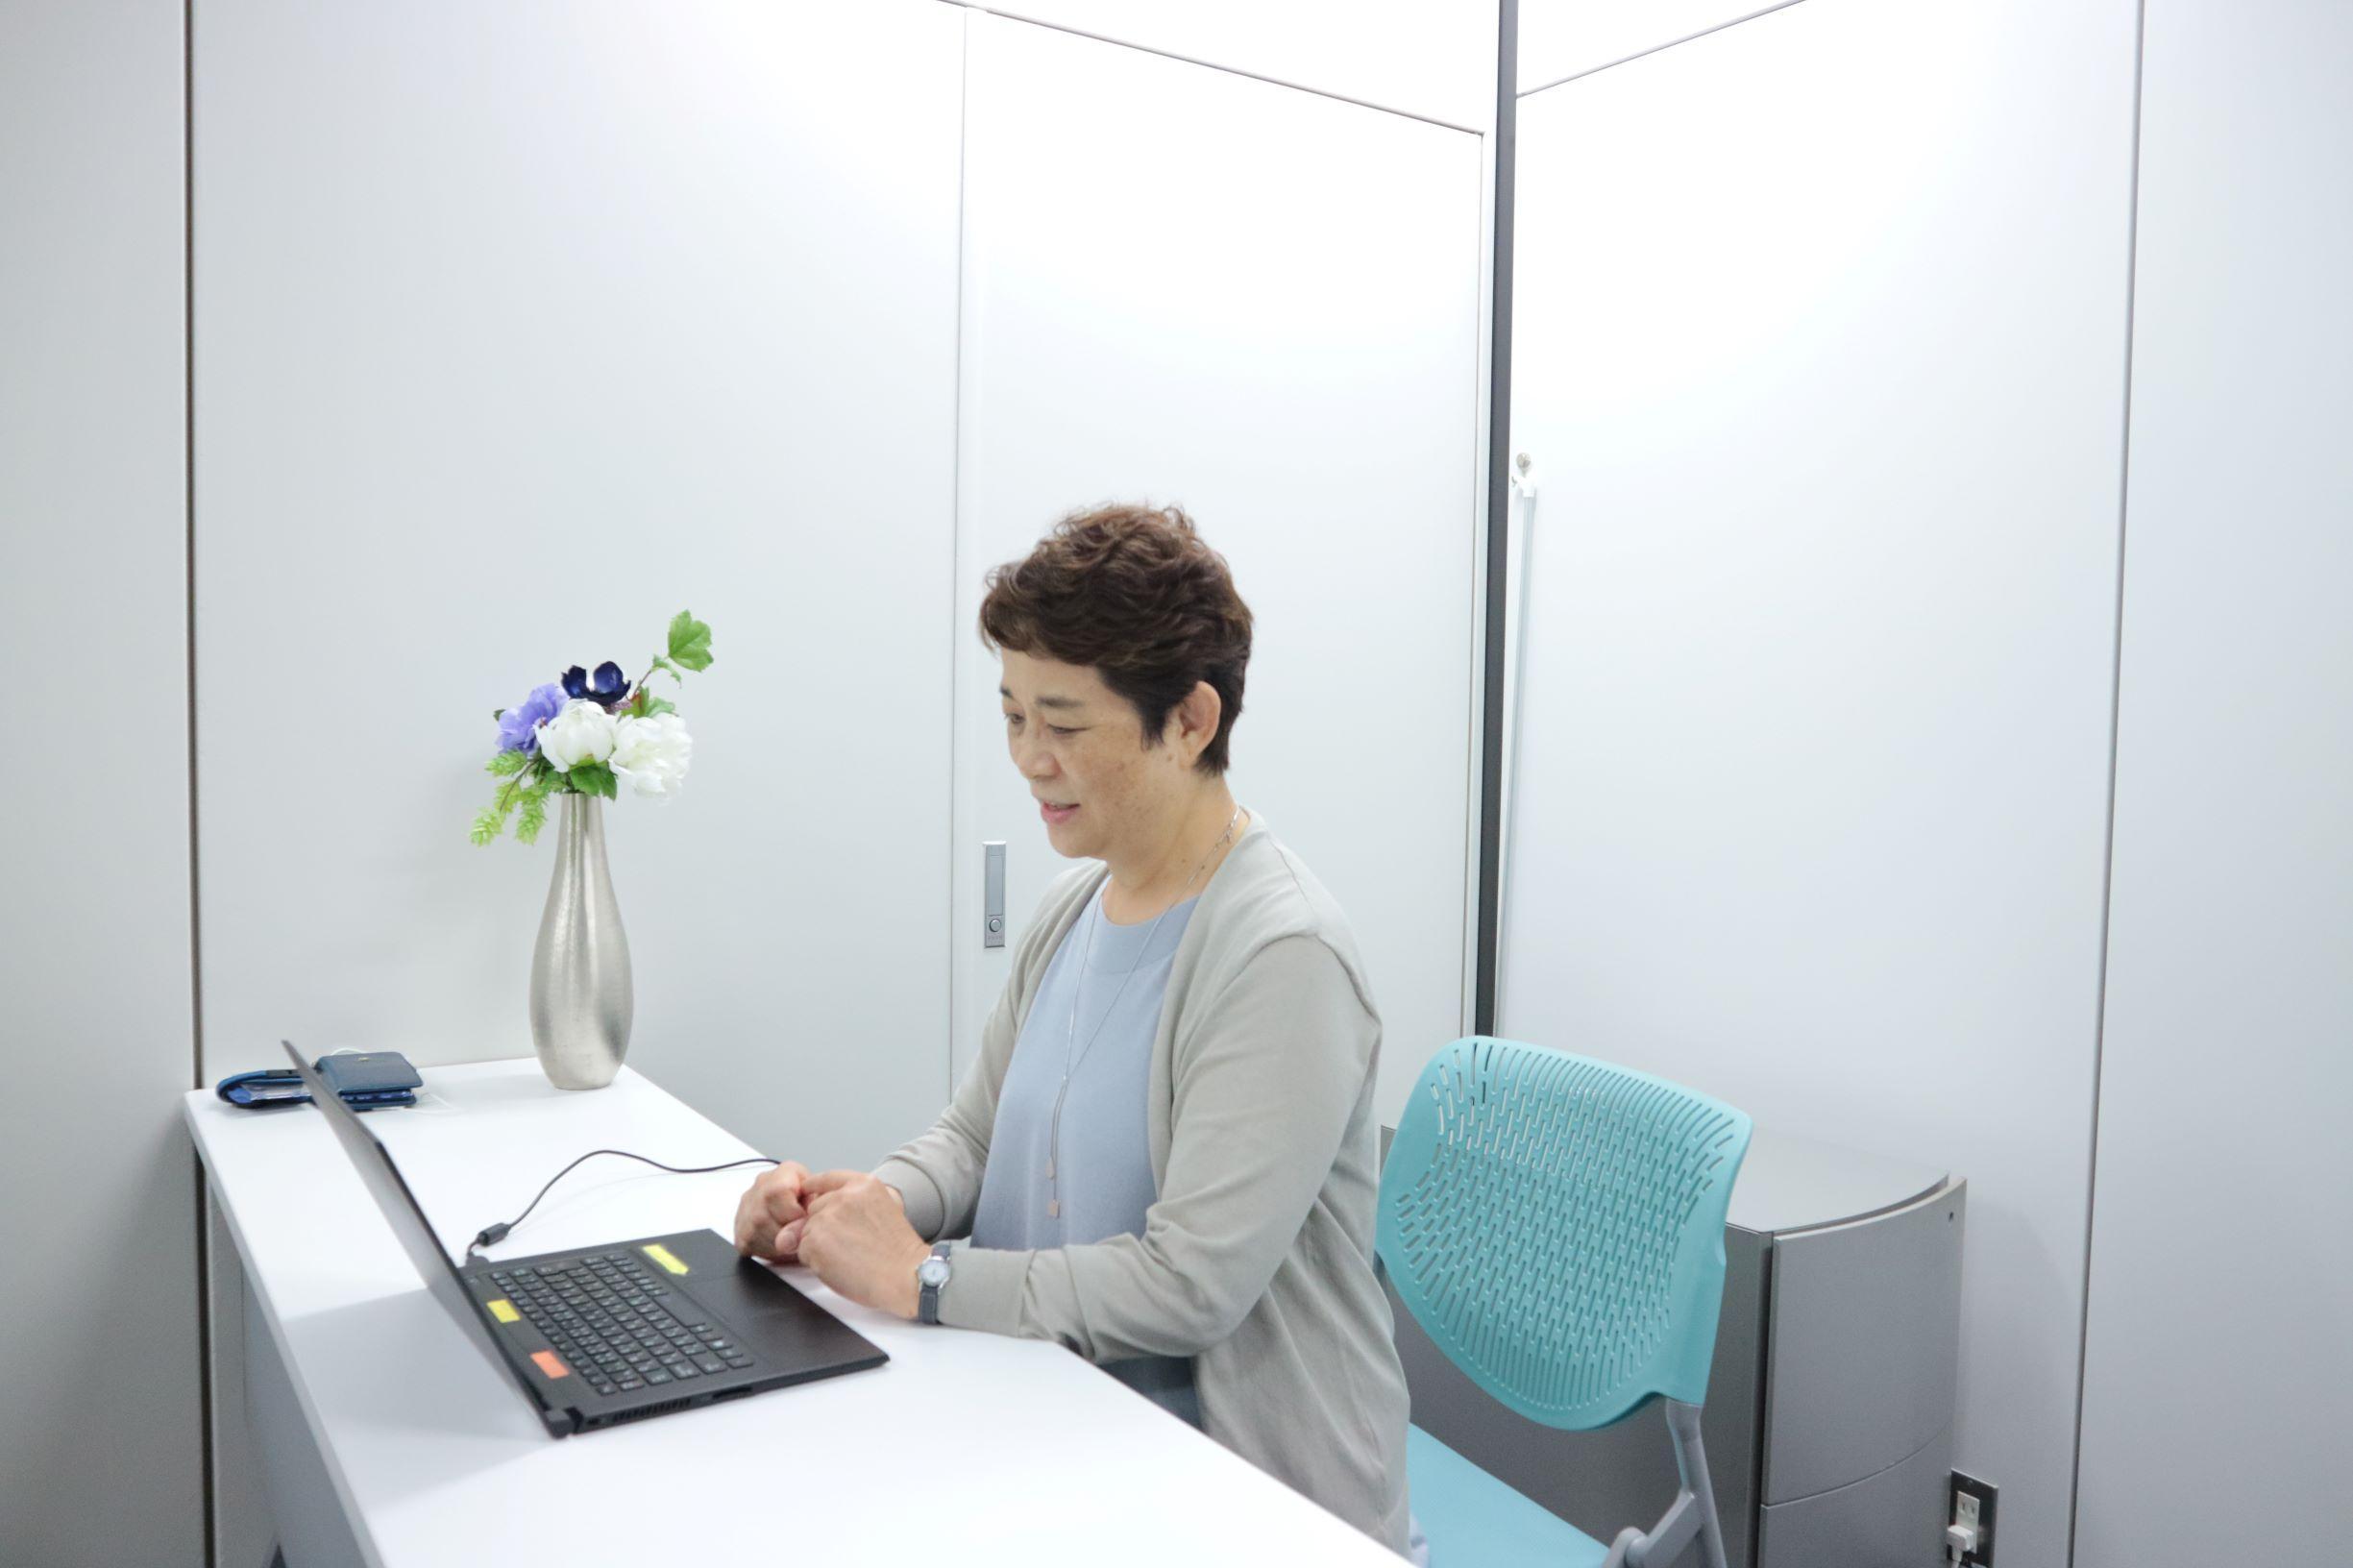 日本ホームステージング協会、山梨学院大学でオンライン講義実施